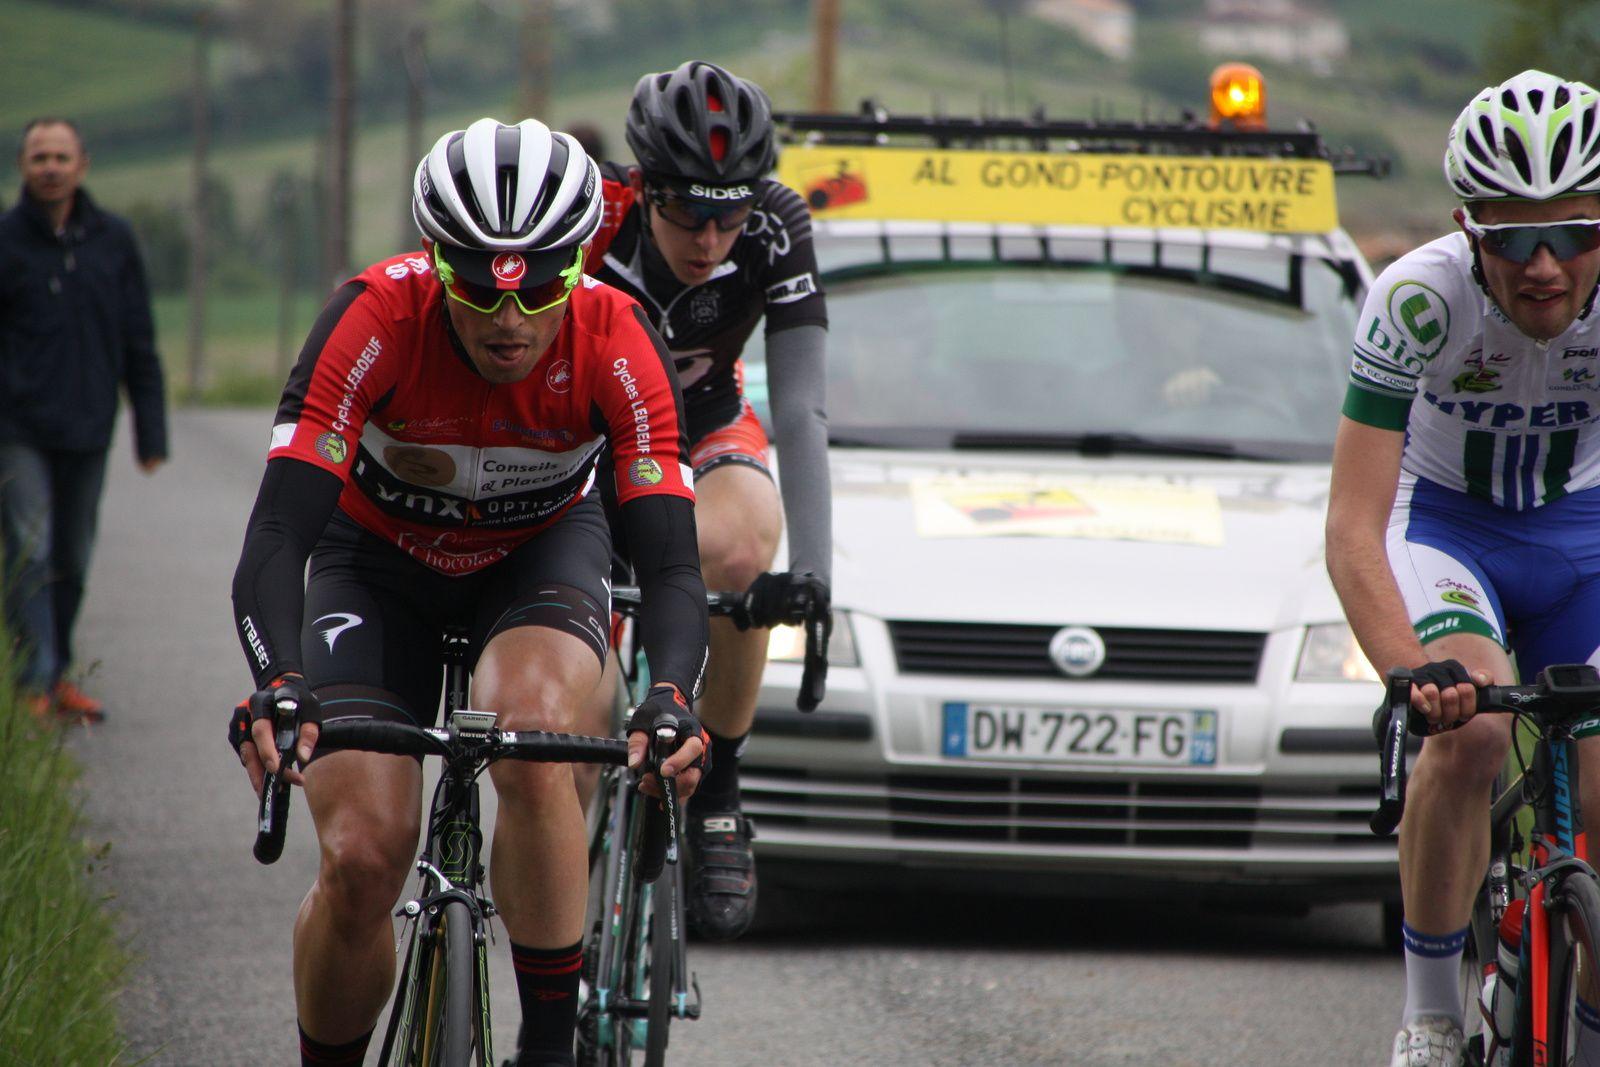 Le  coureur  du  CAM  Bordeaux  est  repartit  seul